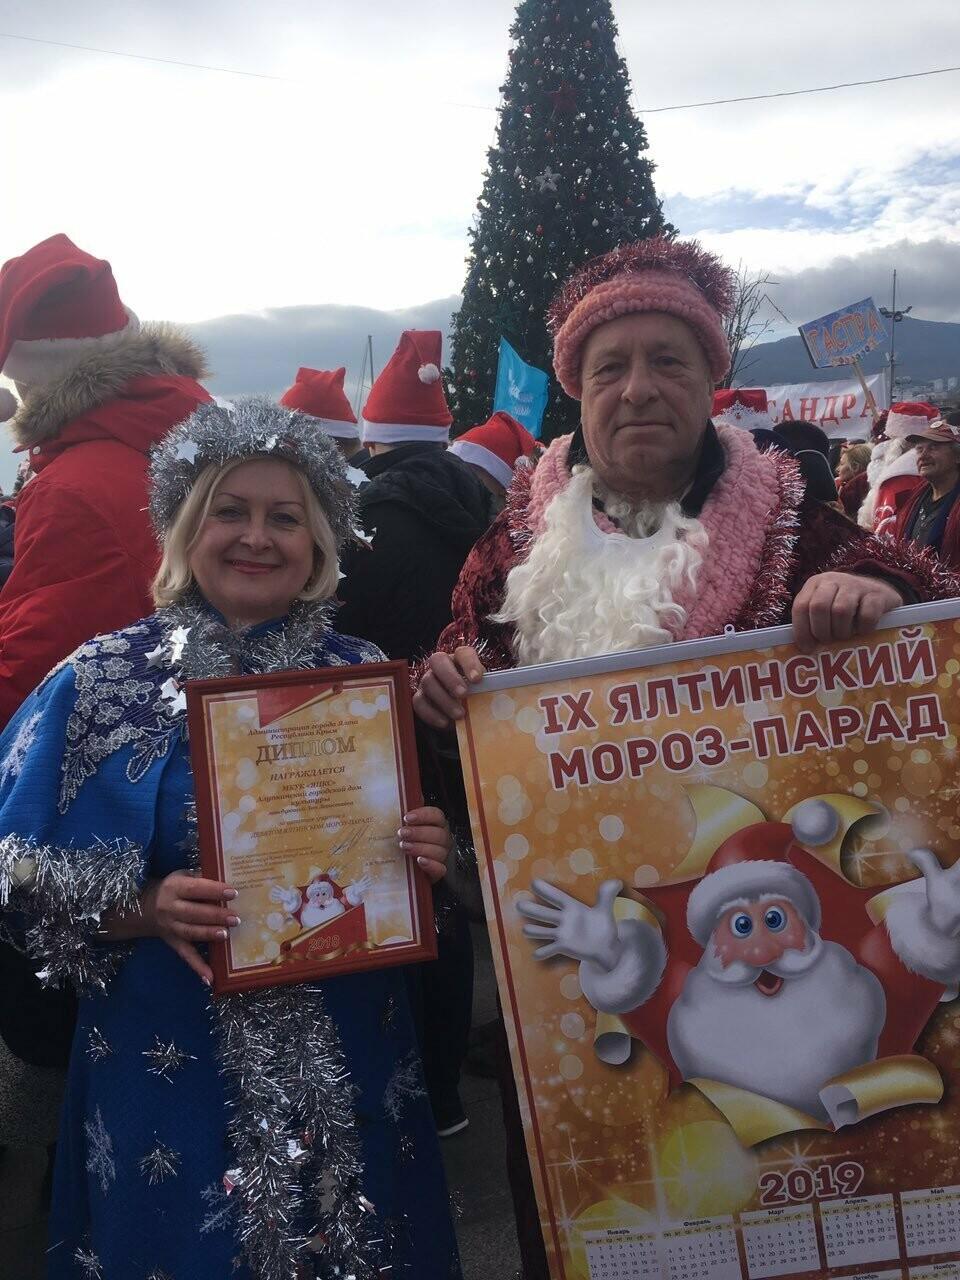 В Ялте почти 800 сказочных персонажей приняли участие в Мороз-параде, фото-1